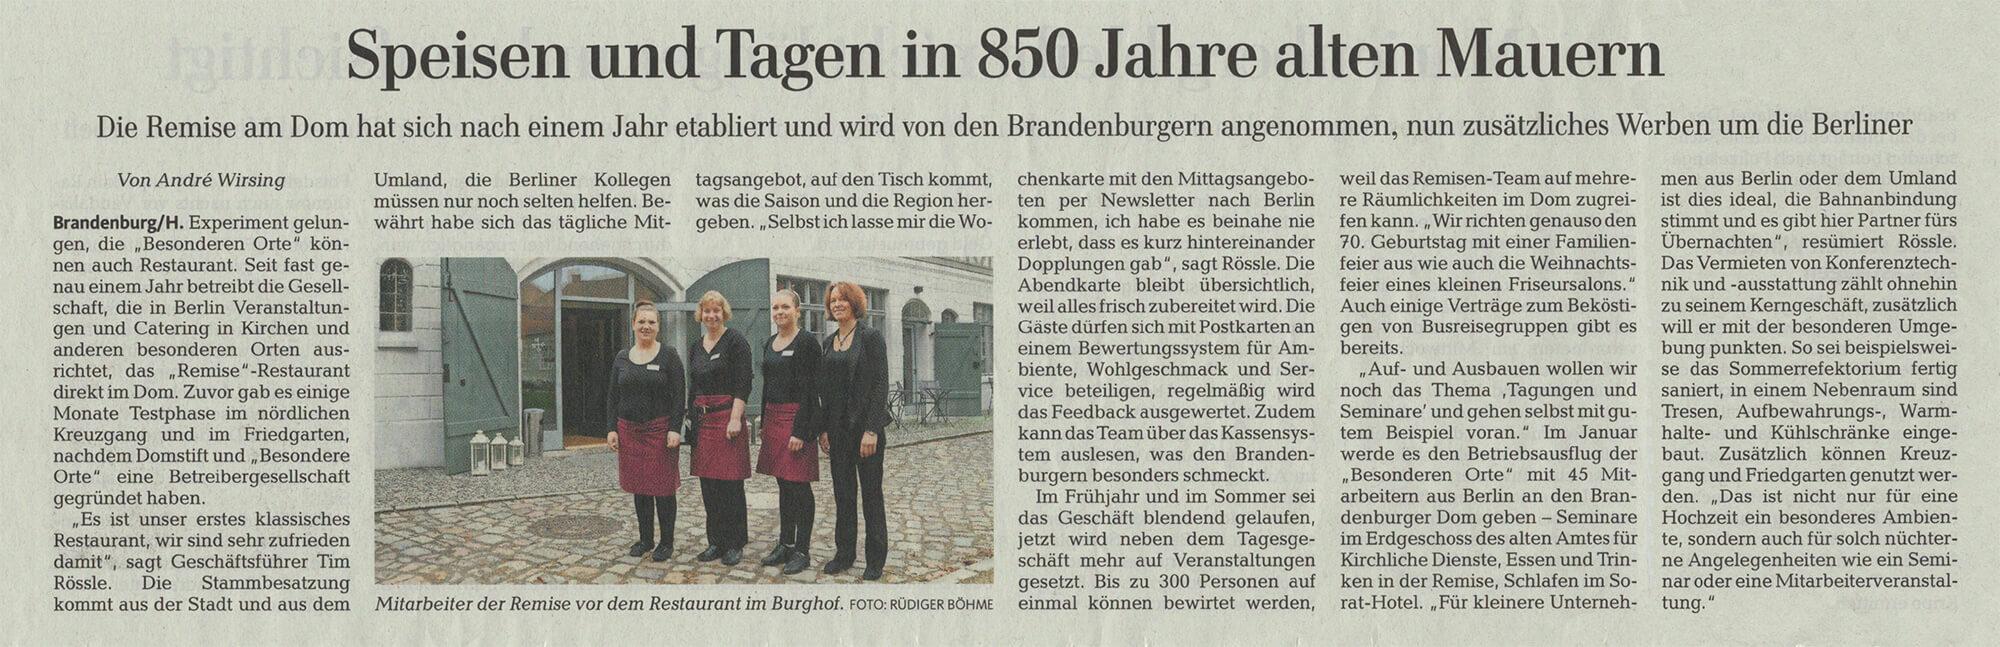 Artikel über die Remise in der Märkischen Allgemeinen Zeitung am 27.10.2016 (Seite 20)